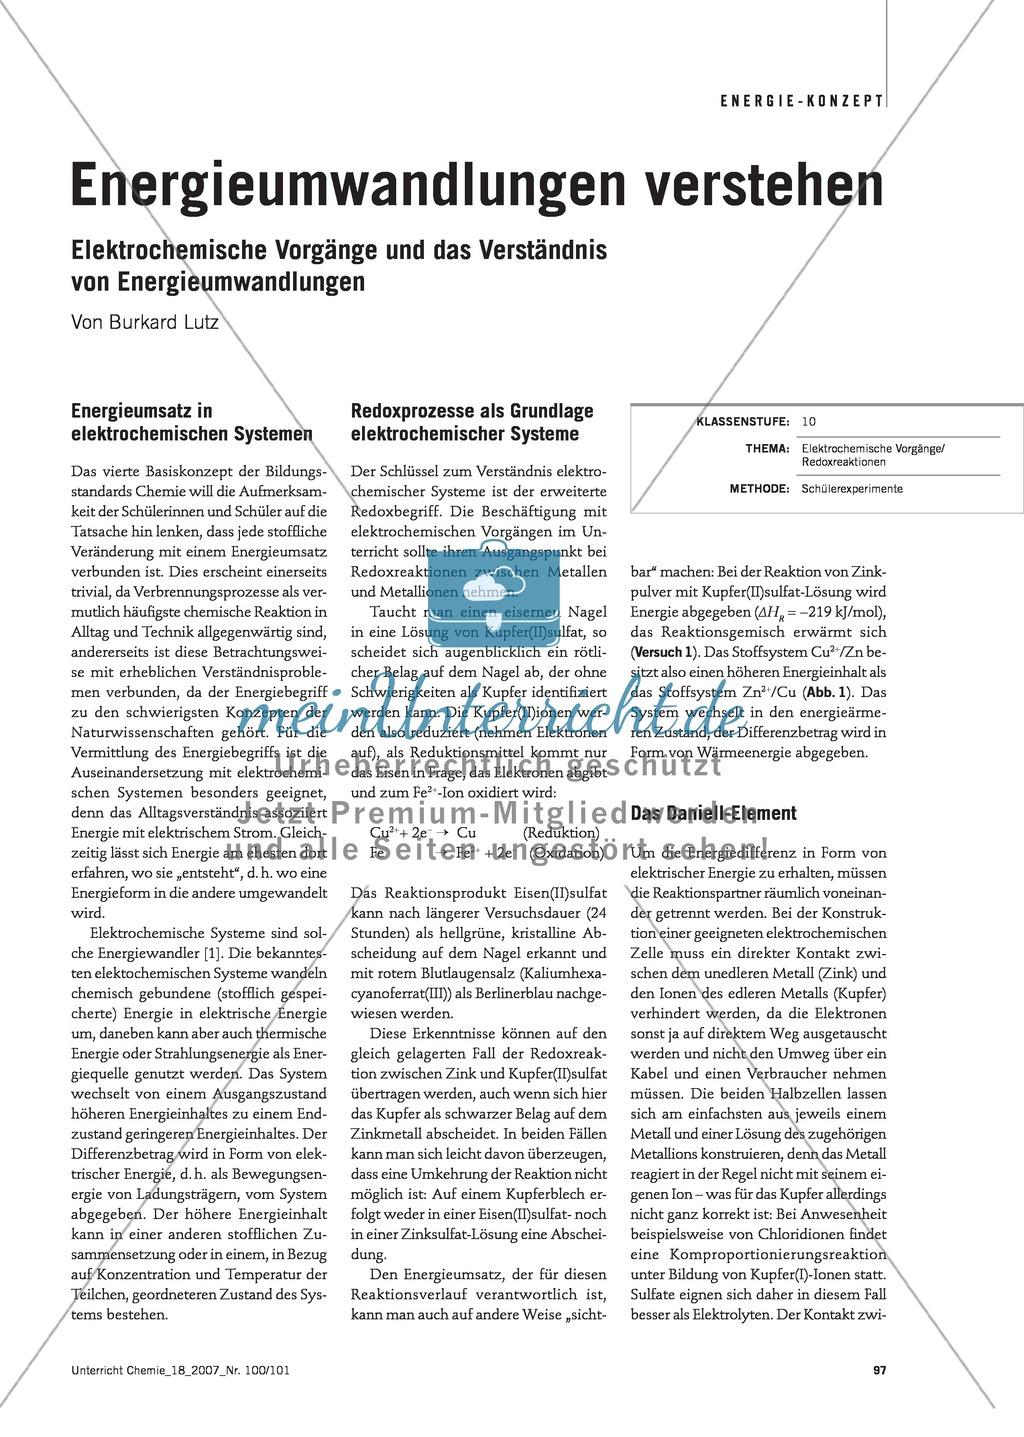 Energieumwandlungen verstehen - Energieumsatz in elektrochemischen Systemen Preview 0